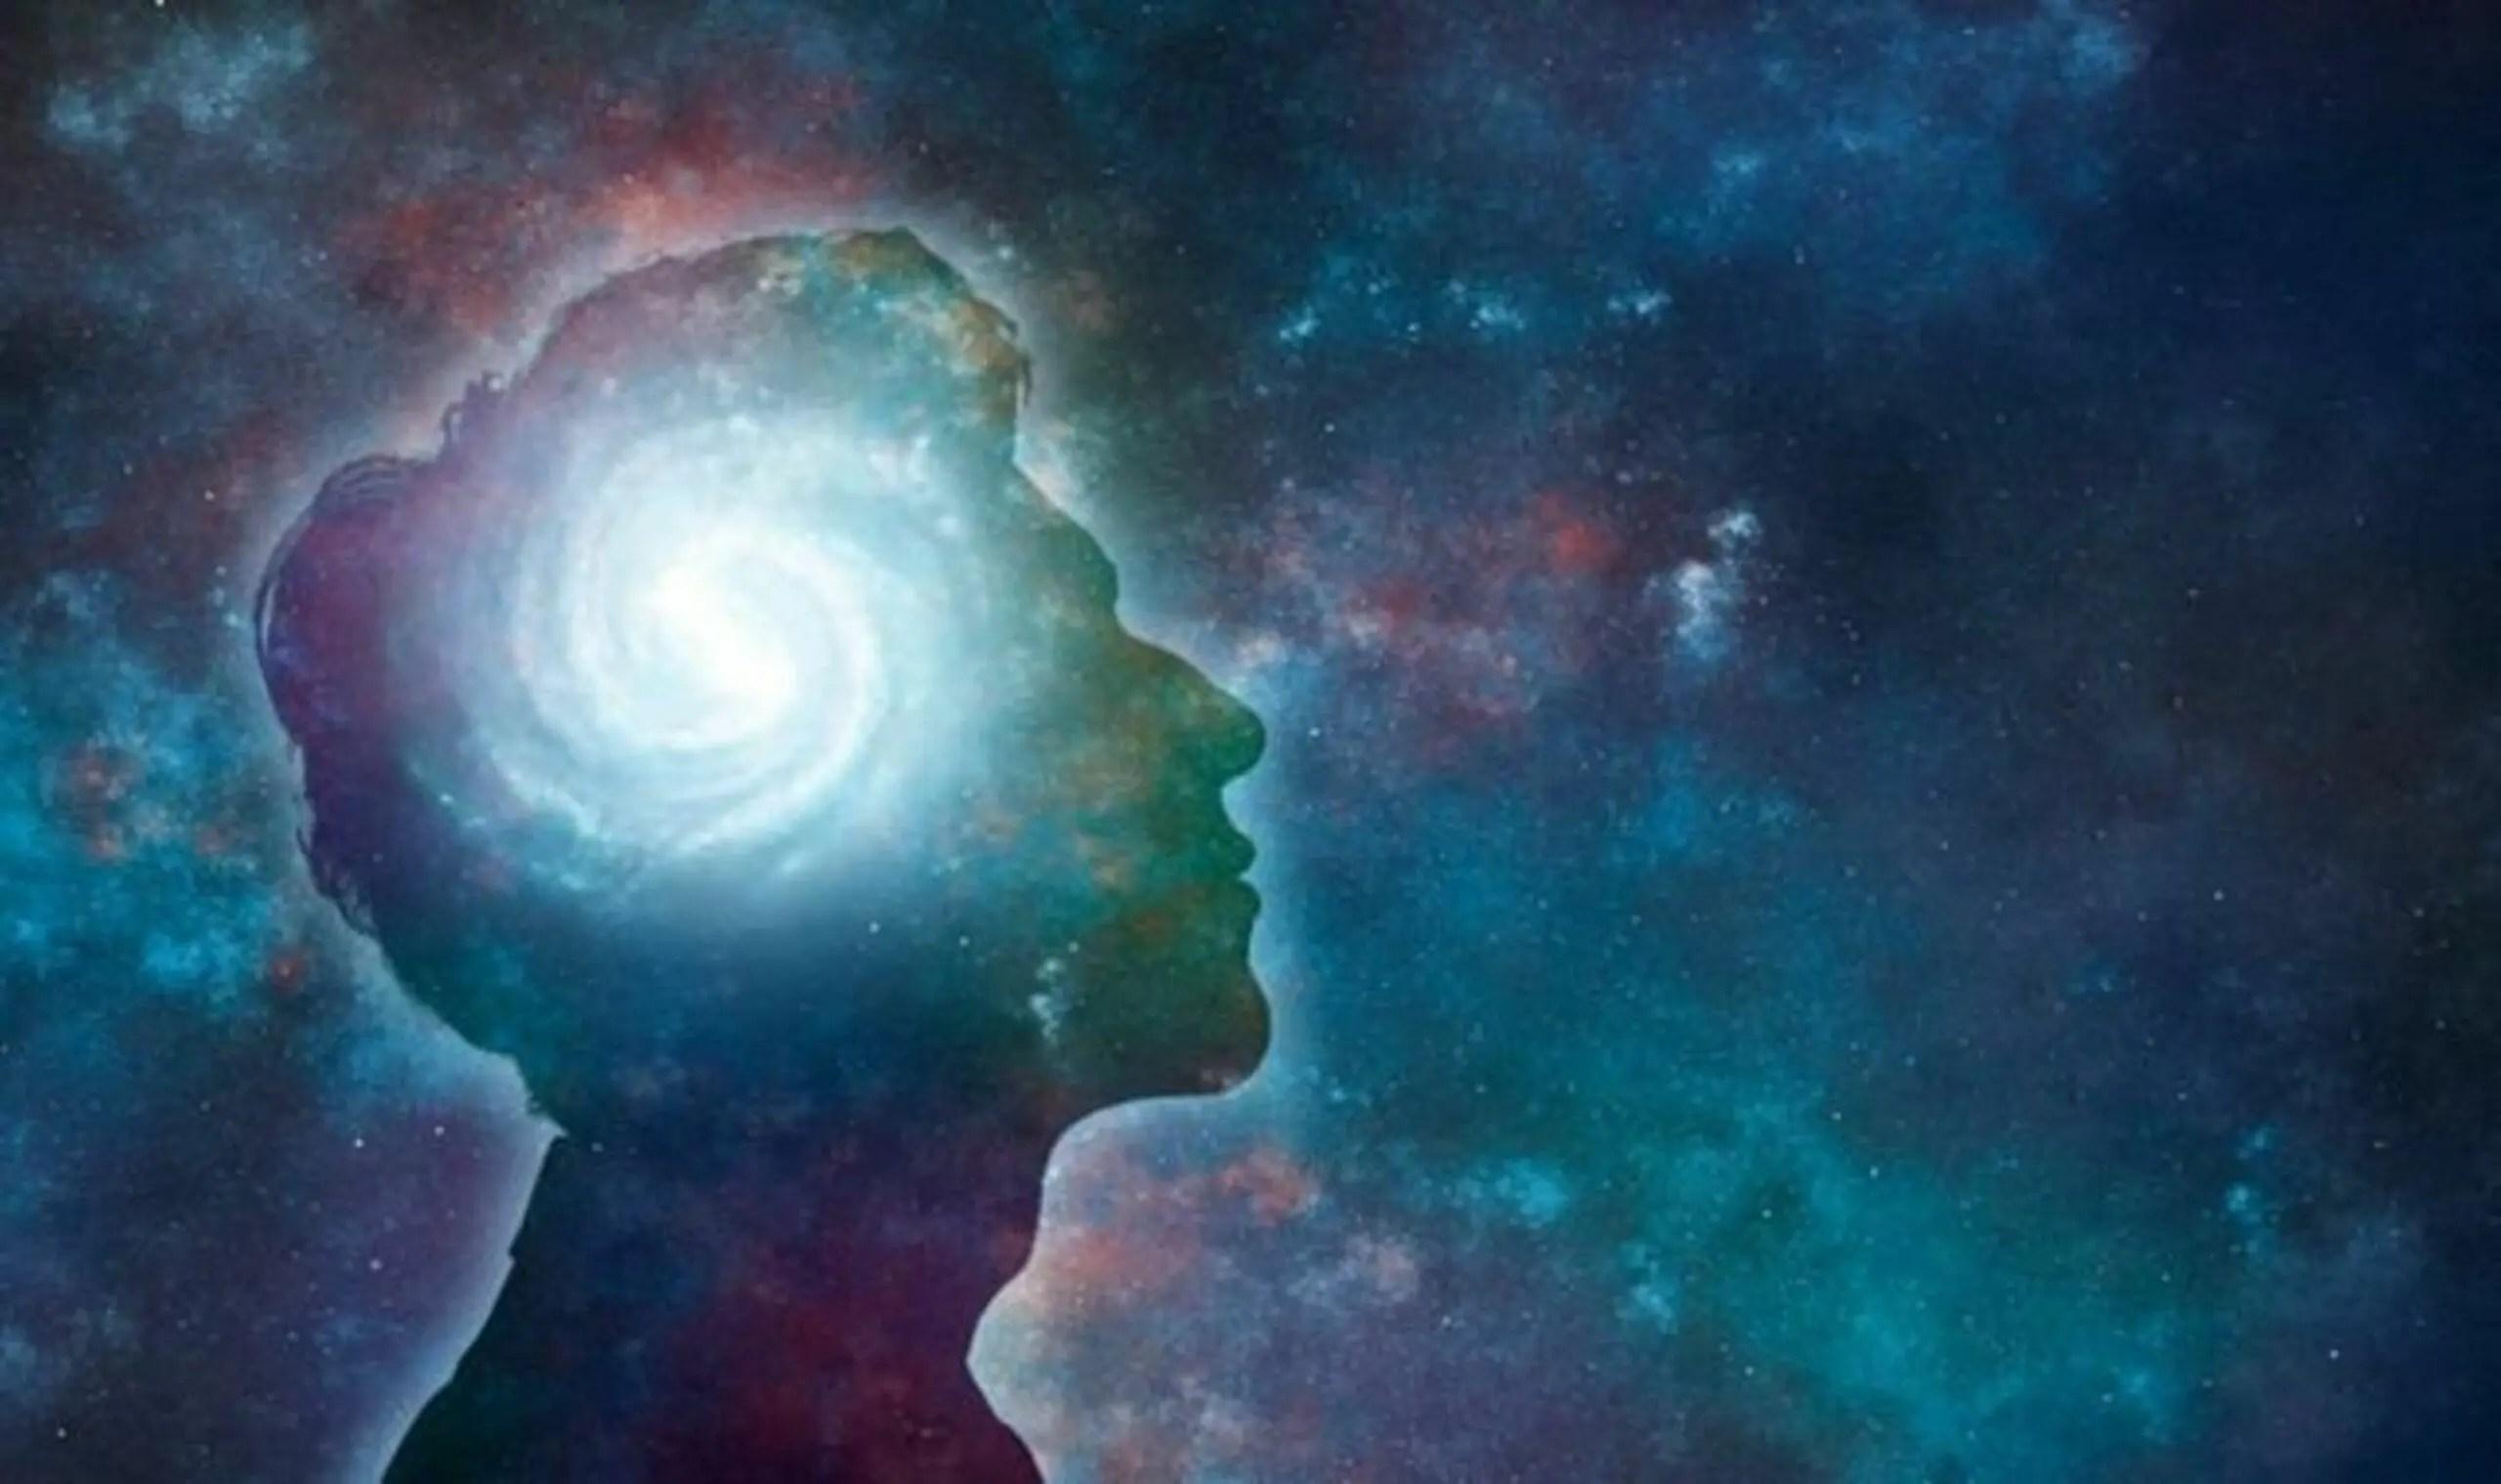 العقل غير القابل للاختزال